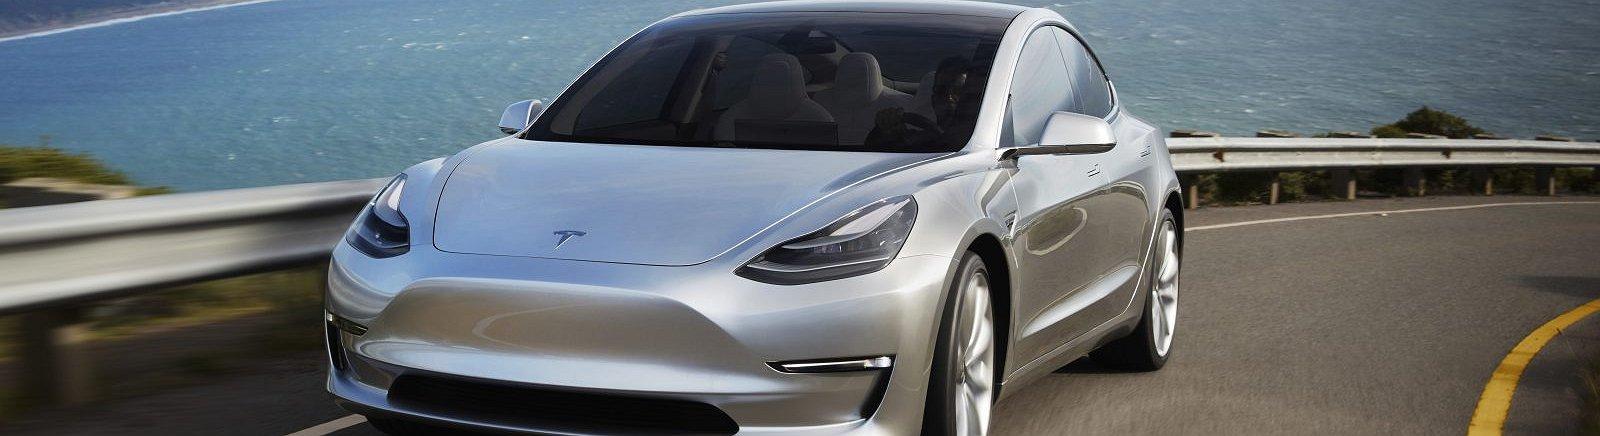 Tesla, oggi la presentazione ufficiale della Model 3